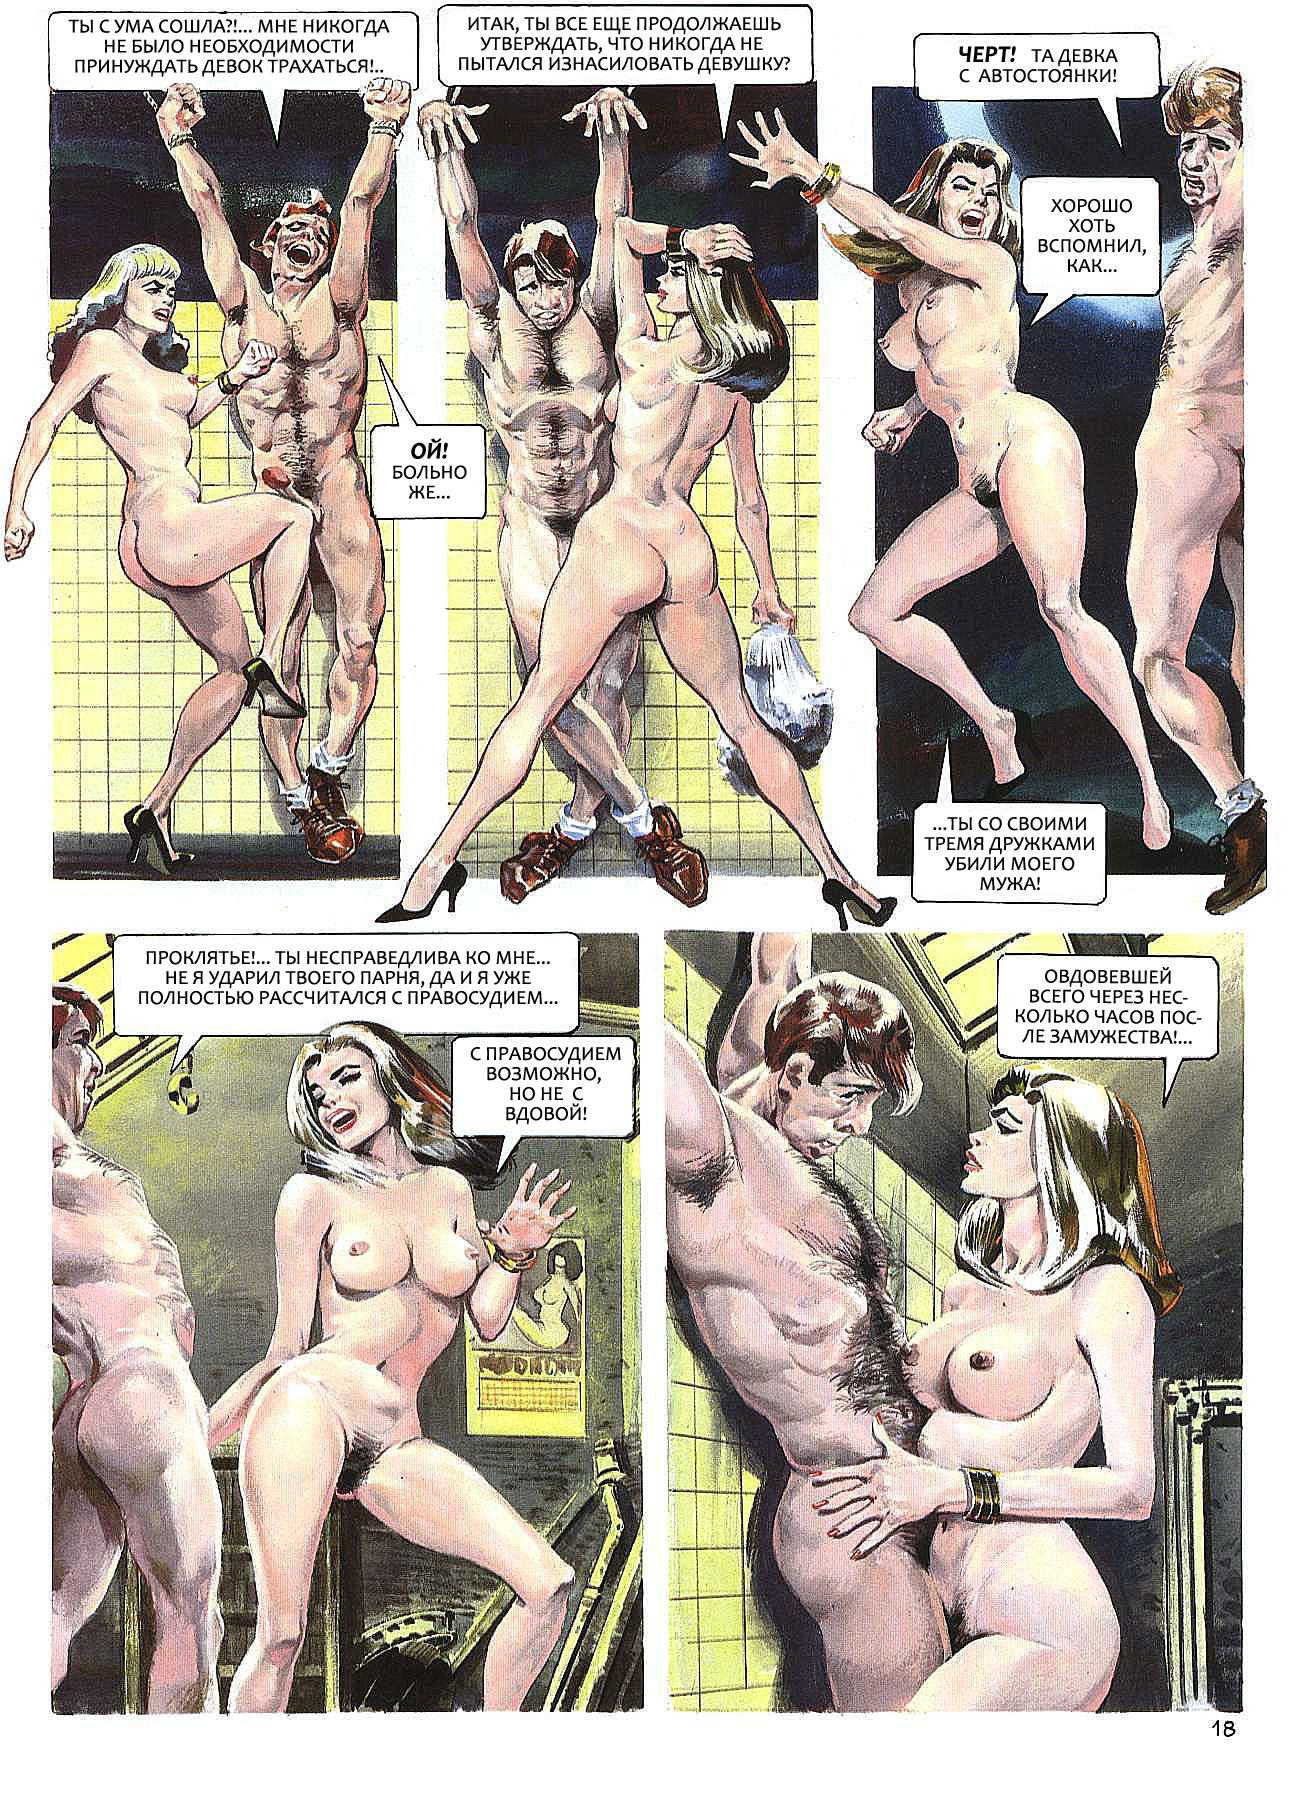 Смтреть порно вдова онлайн 2 фотография